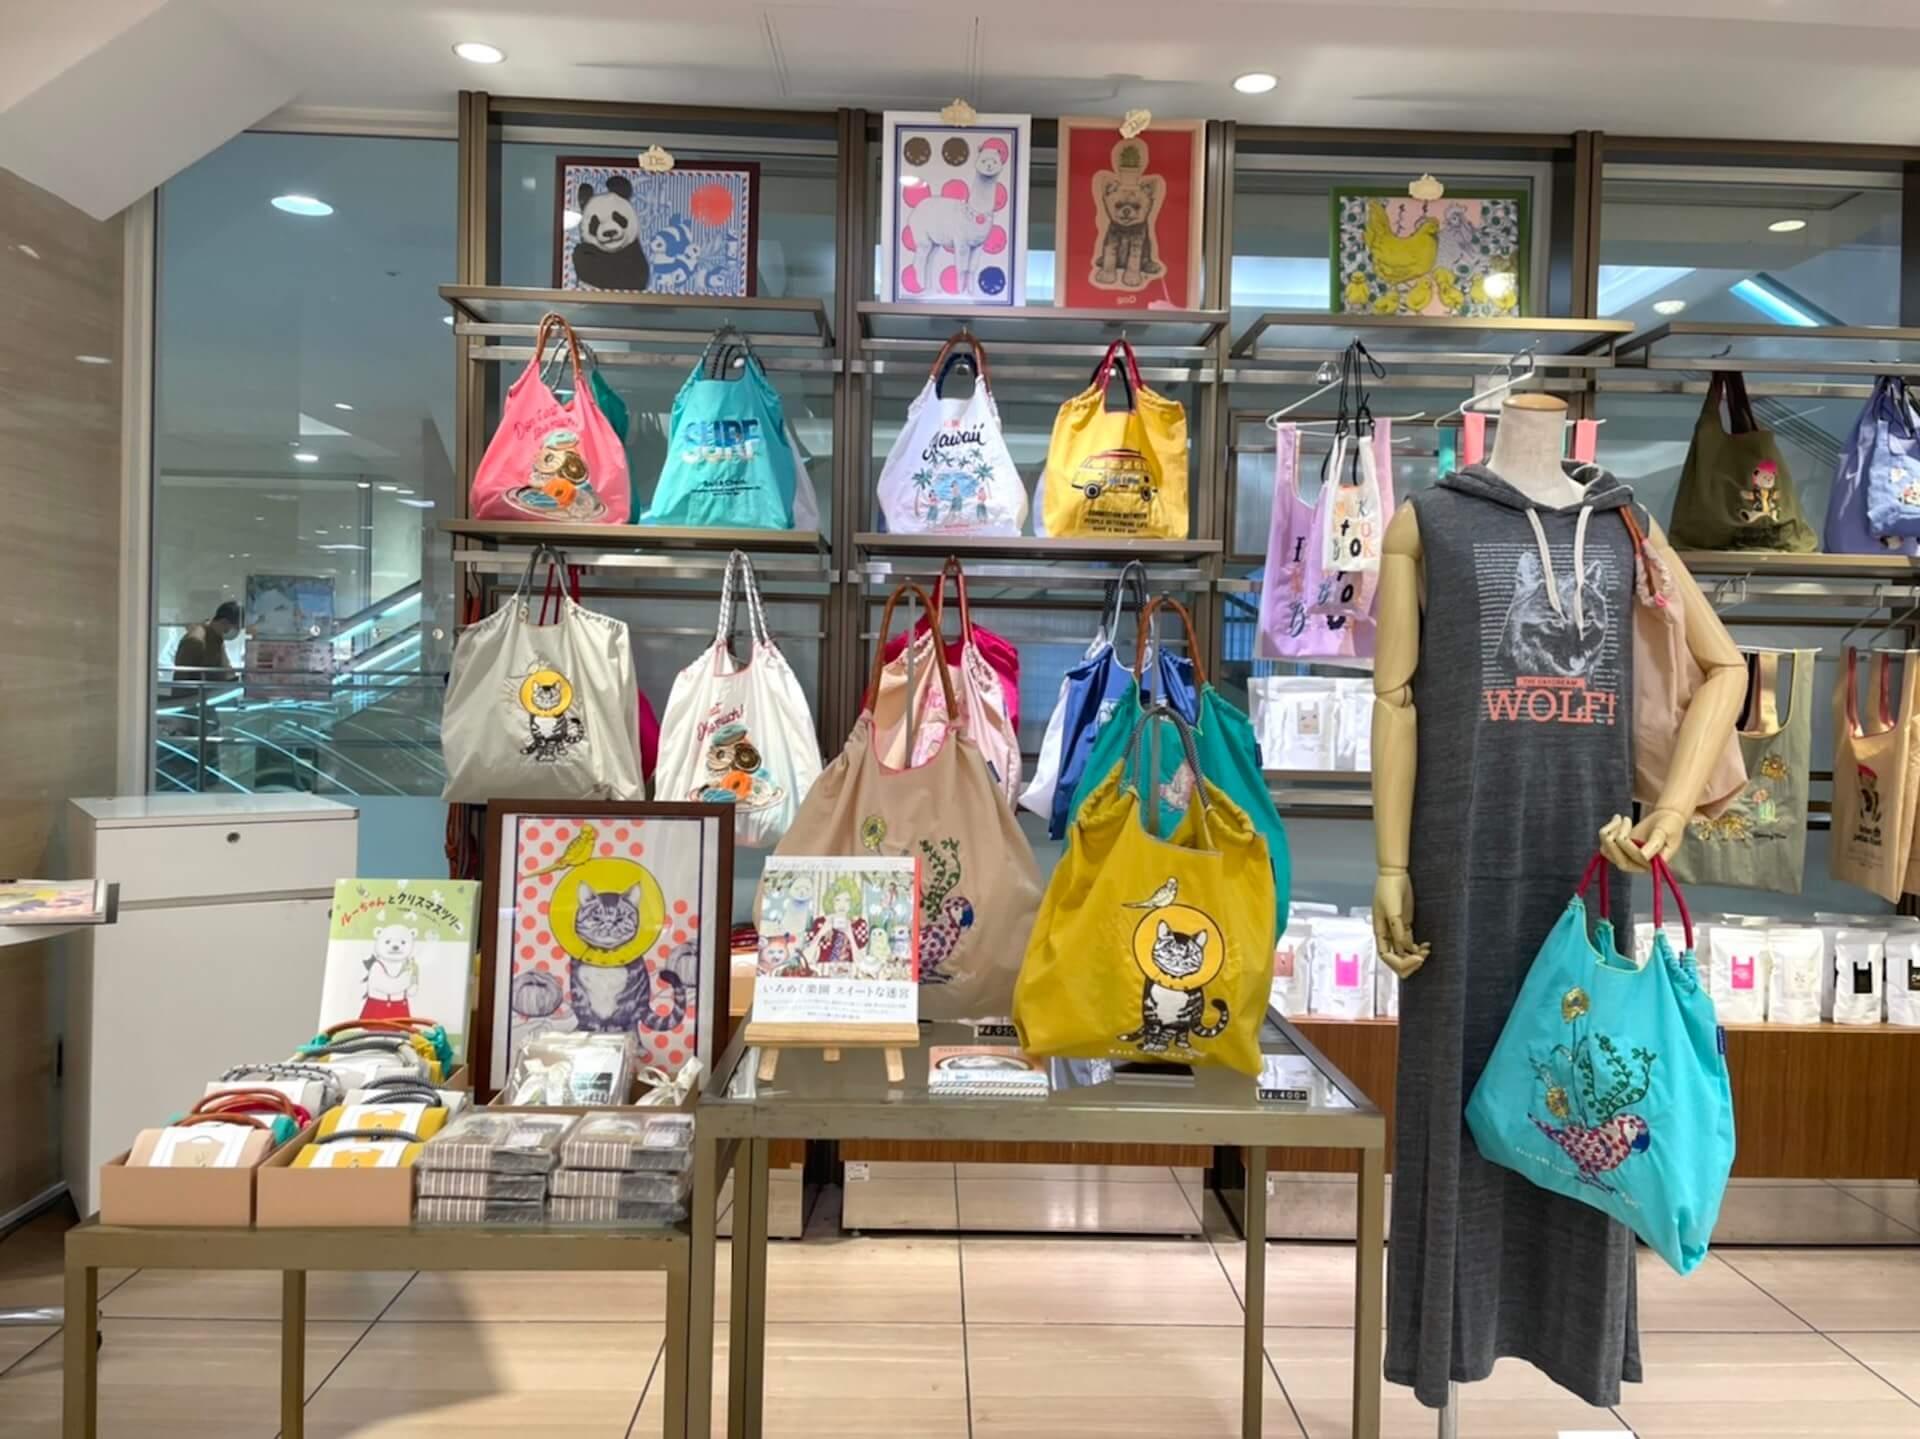 D[di:]が人気エコバッグブランドBall&Chainとコラボし、ポップアップショップツアー<D[di:]goods pop up×Ball&Chain>を展開! fashion210624_Dpopup4